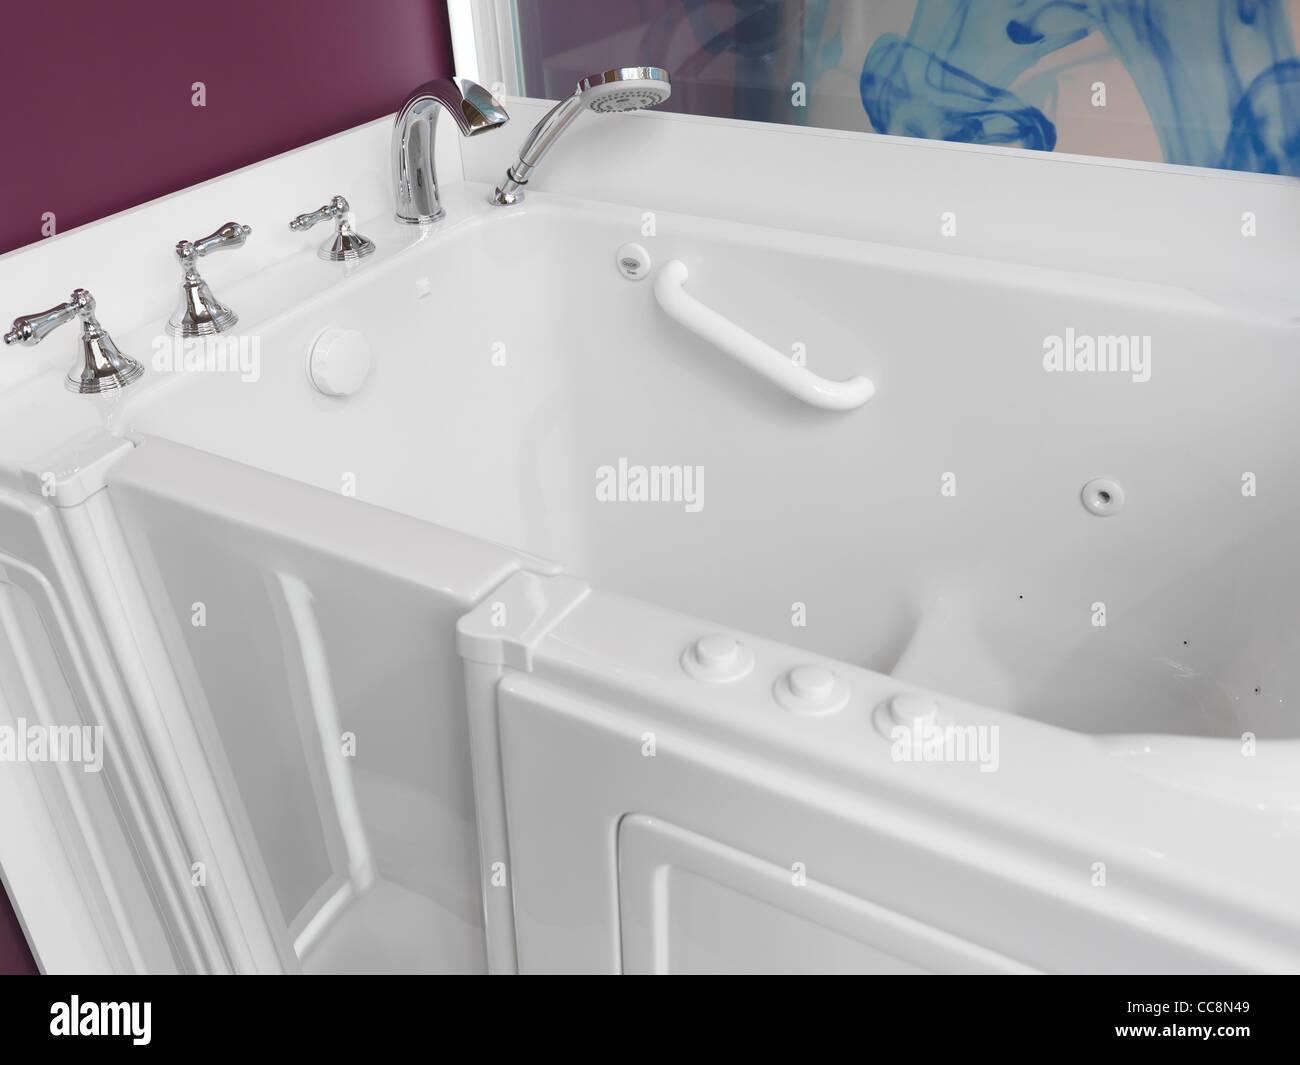 Salle De Bain Accessible ~ salle de bains accessible s ance douche baignoire avec une porte